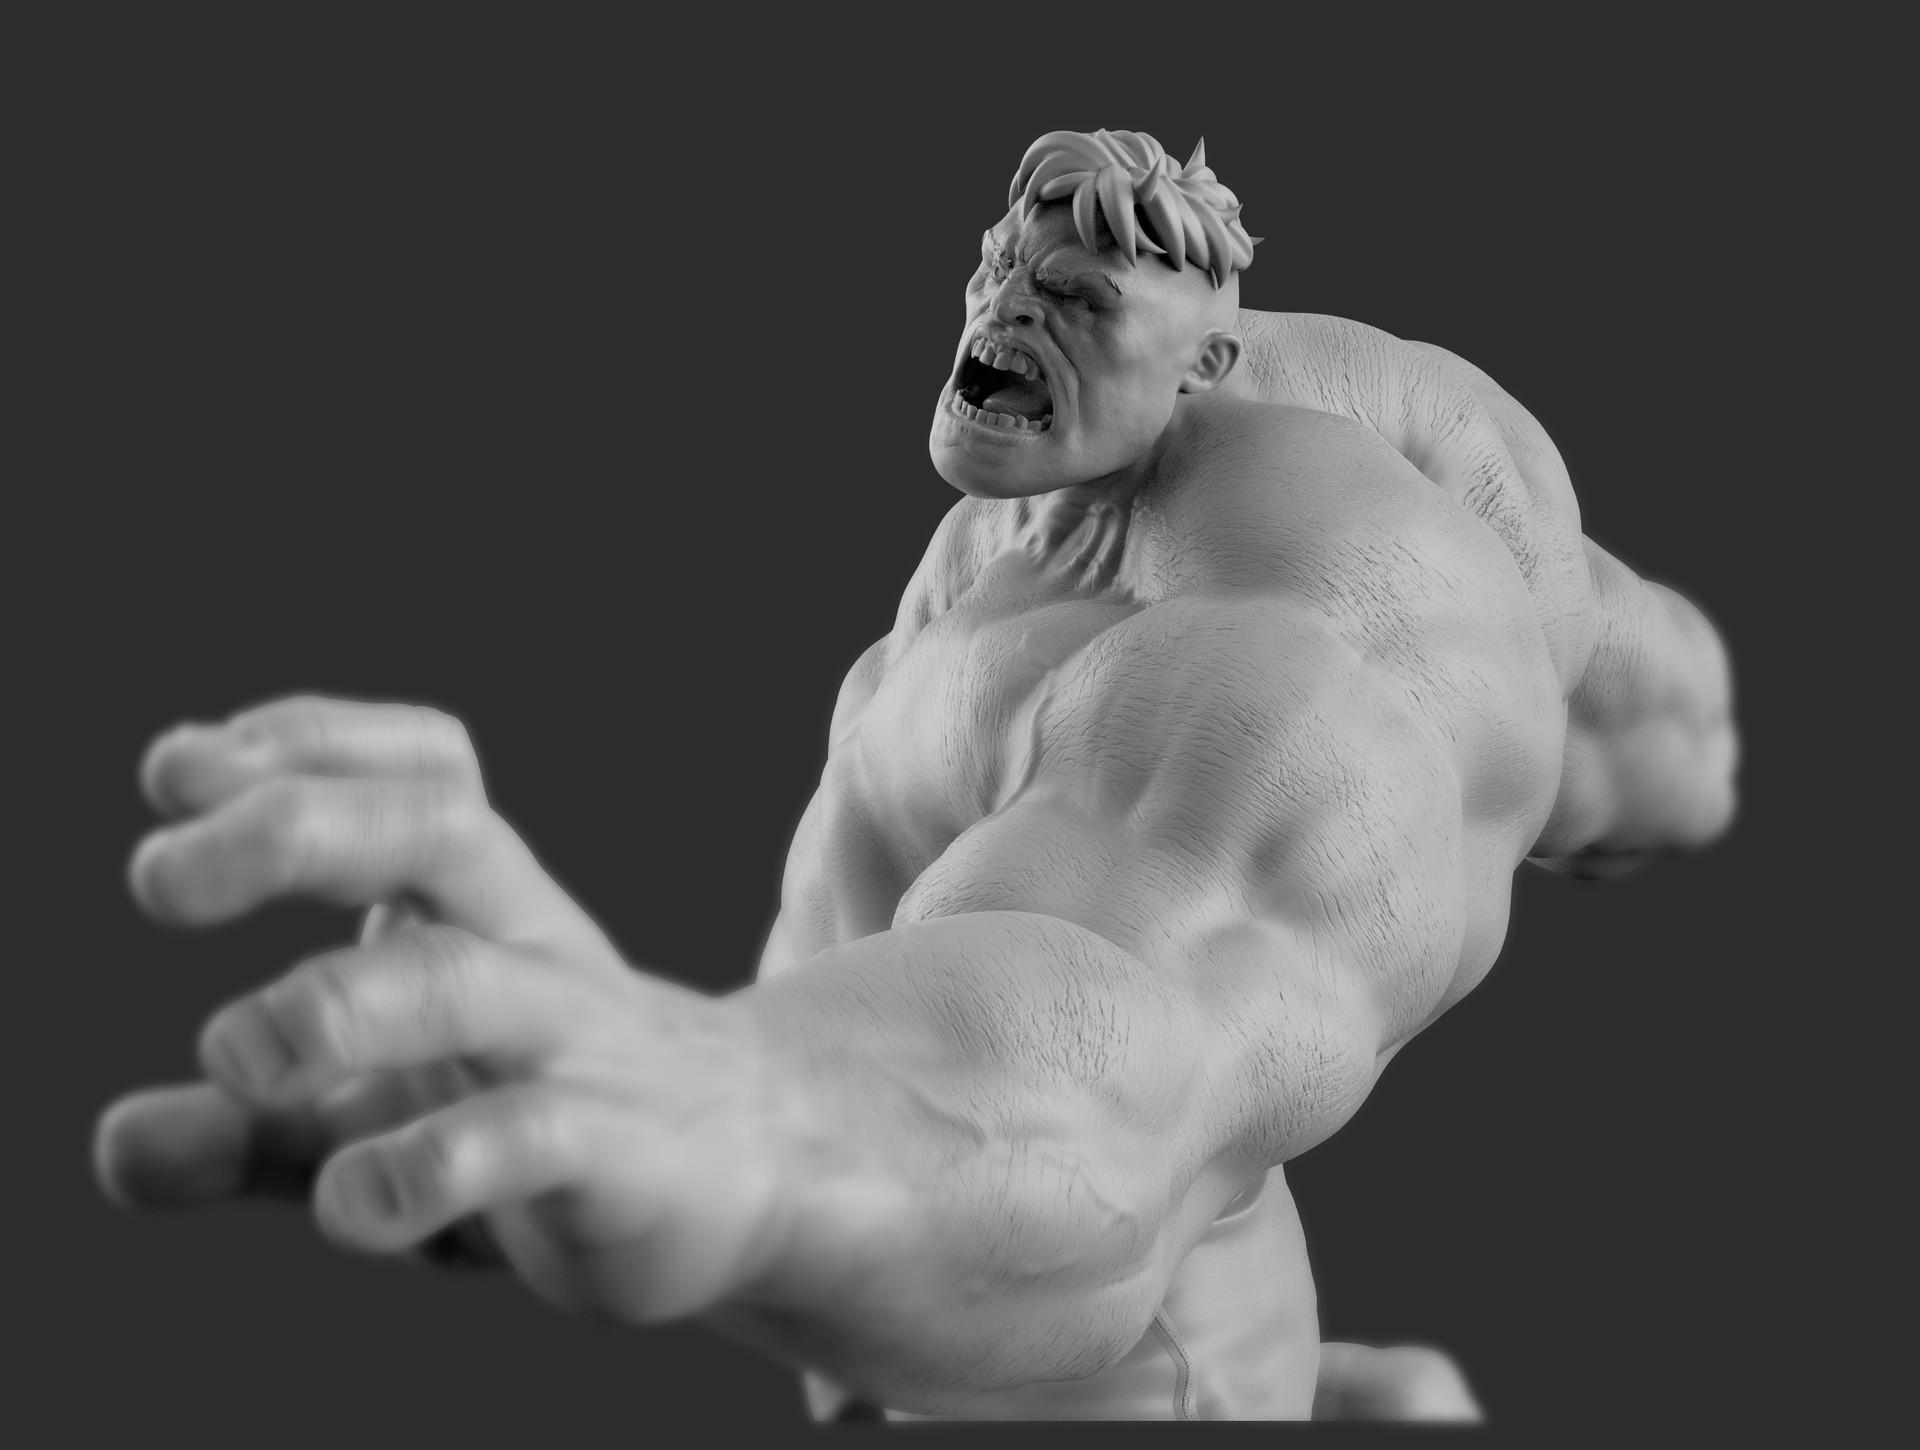 Gustavo profeta hulk